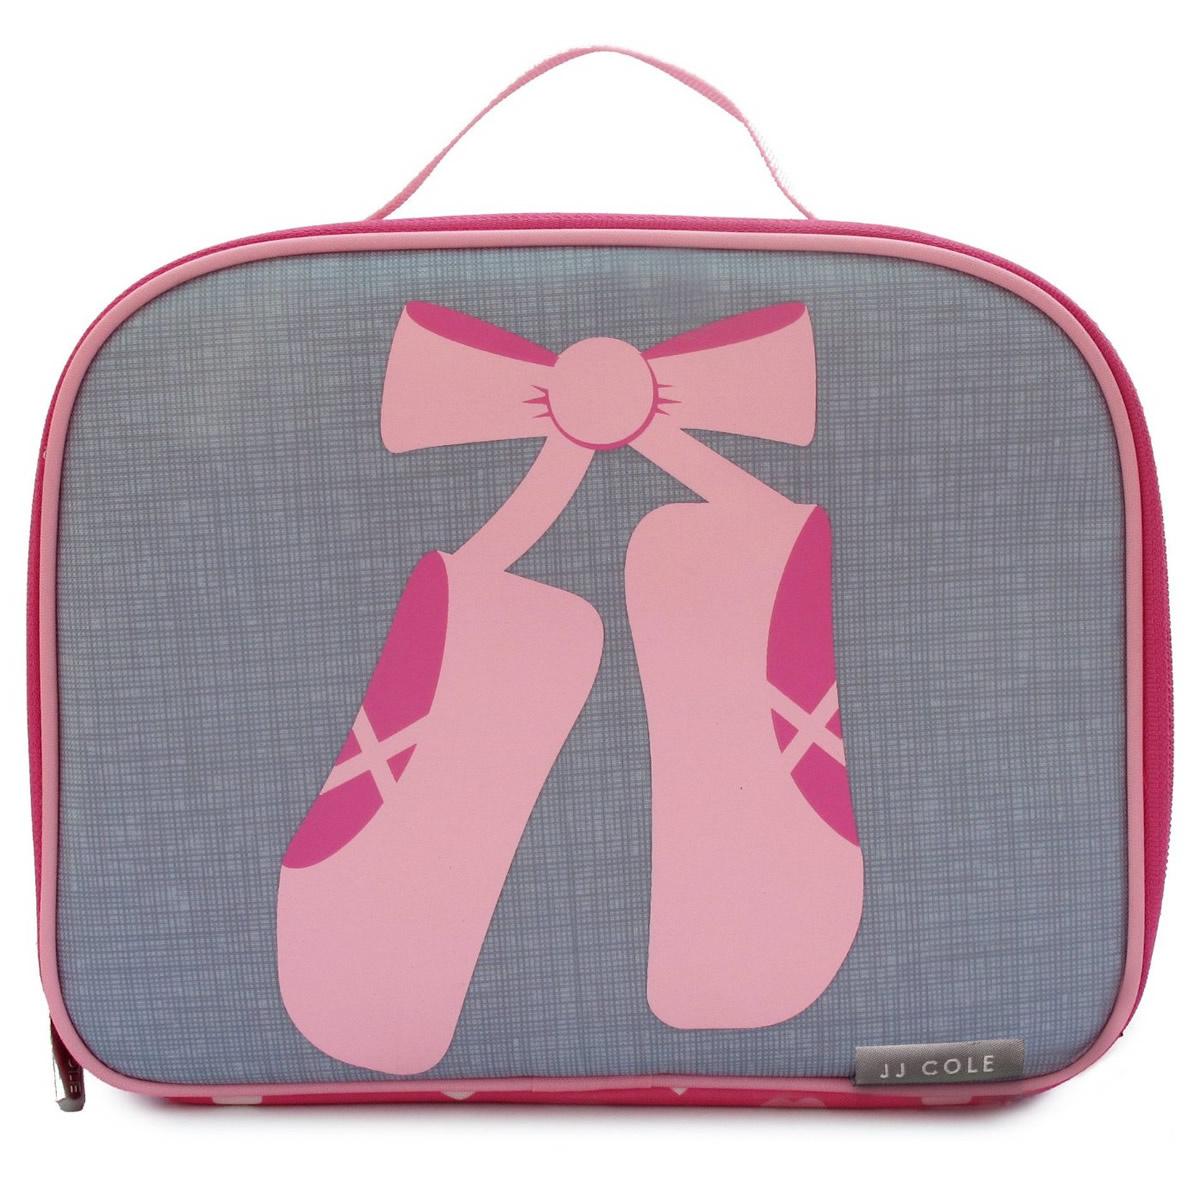 JJ Cole Snack Bag Set